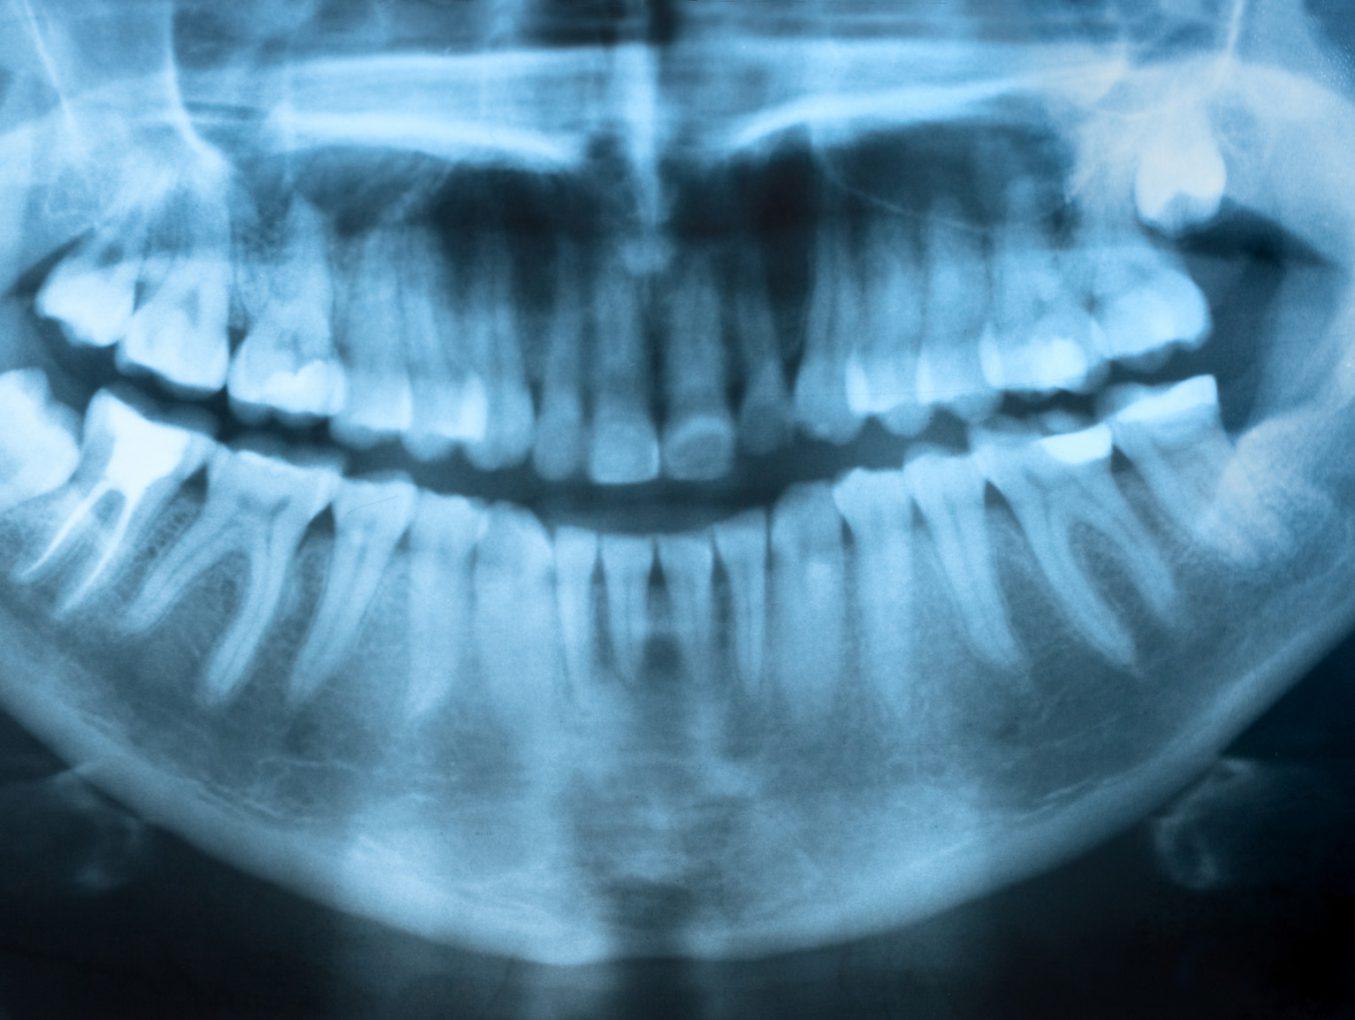 Эндотия - лечение корневых каналов зуба